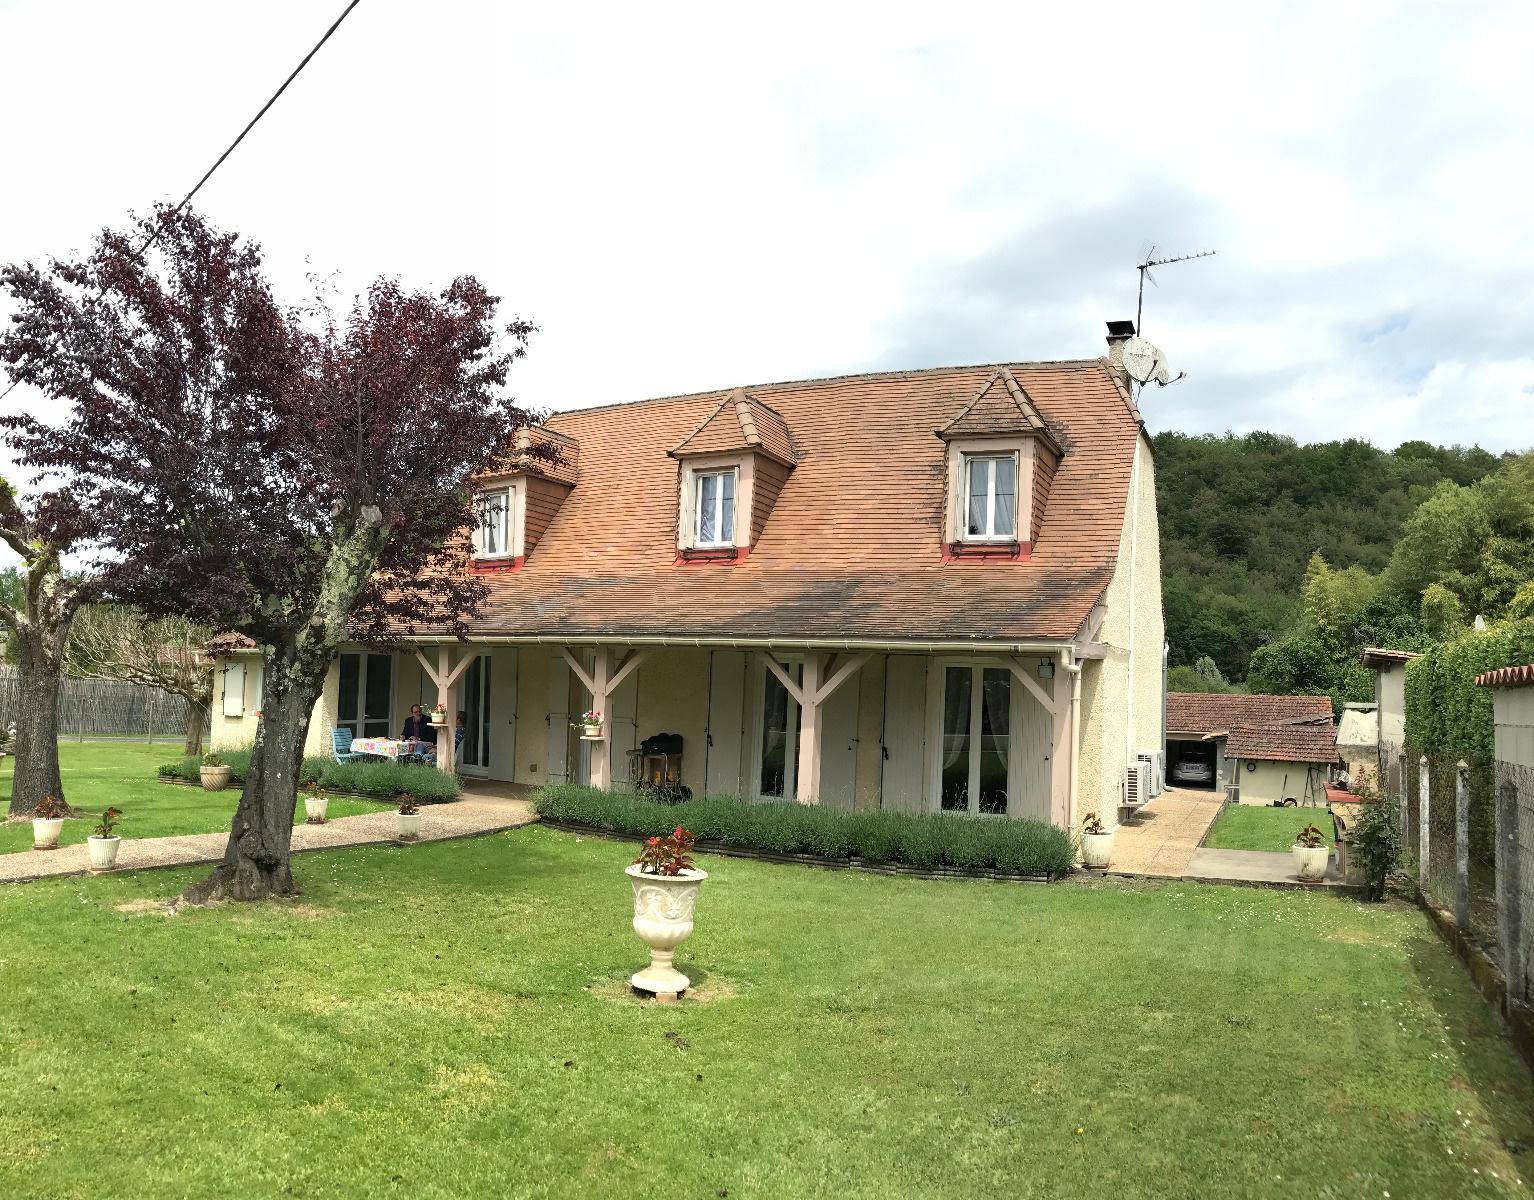 Annonce vente maison p rigueux 24000 180 m 318 000 for Vente maison perigueux